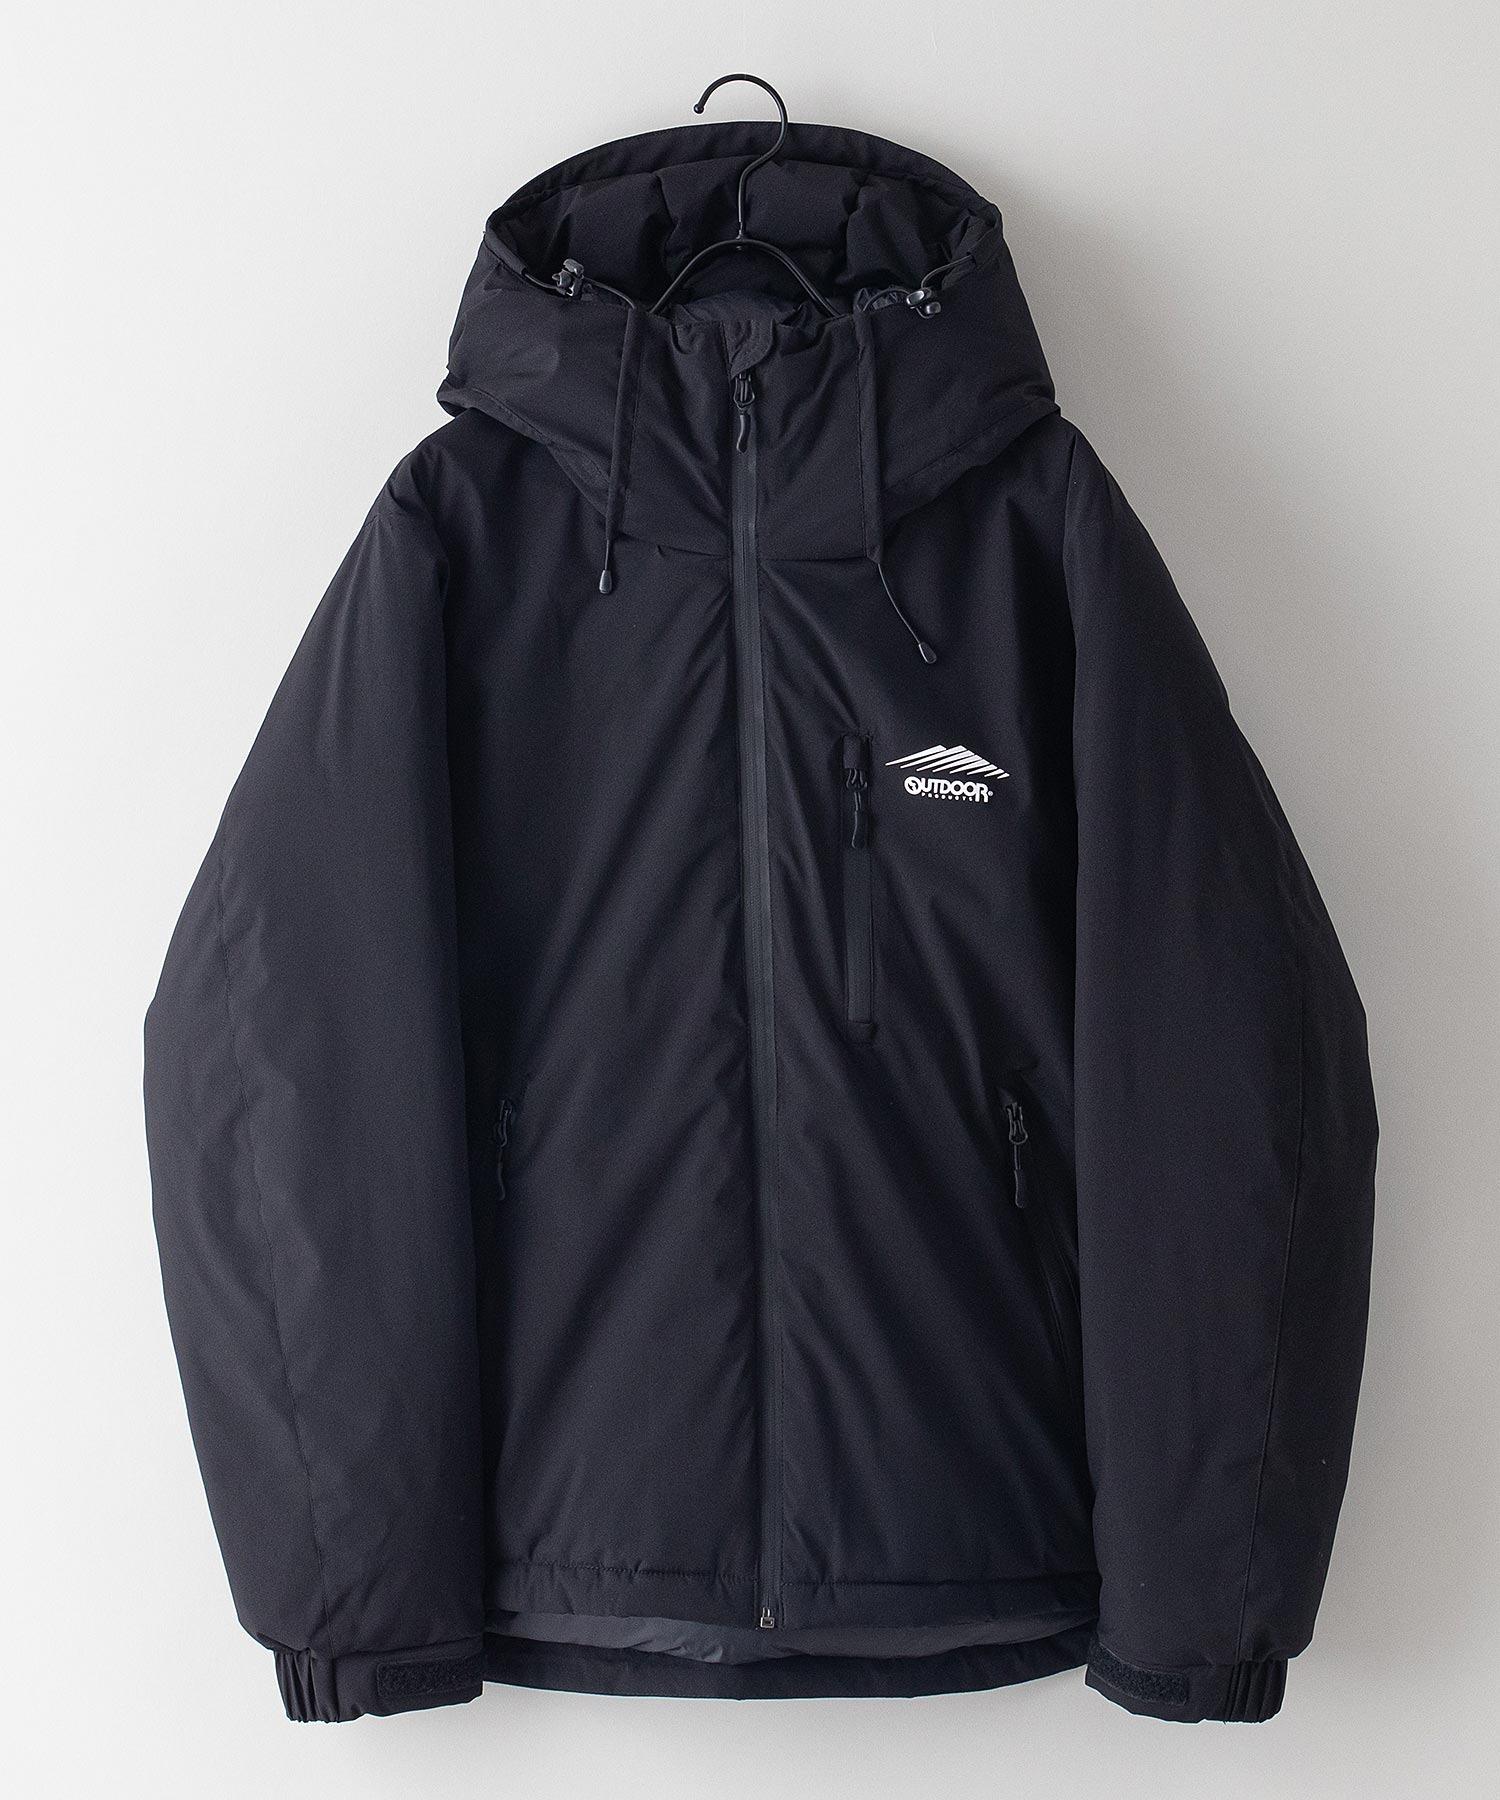 撥水中綿フードジャケット 昨年人気モデルが更に進化して登場 防風/撥水/ストレッチ/耐水圧/防花粉/UVと高機能素材を使用 ユニセックス